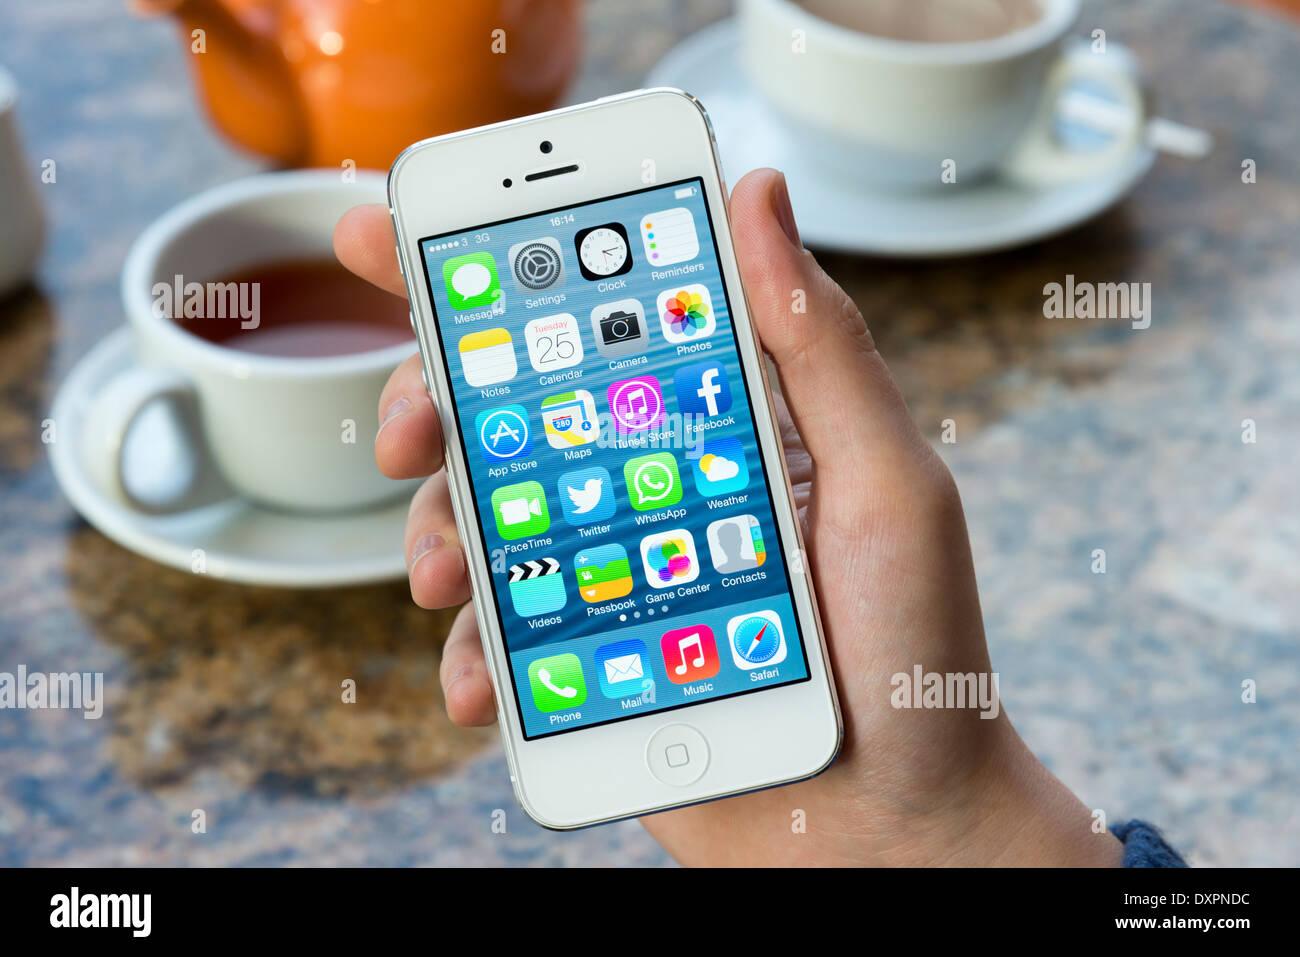 IOS 7 nella schermata iniziale del bianco Apple iPhone 5 in un cafe Immagini Stock